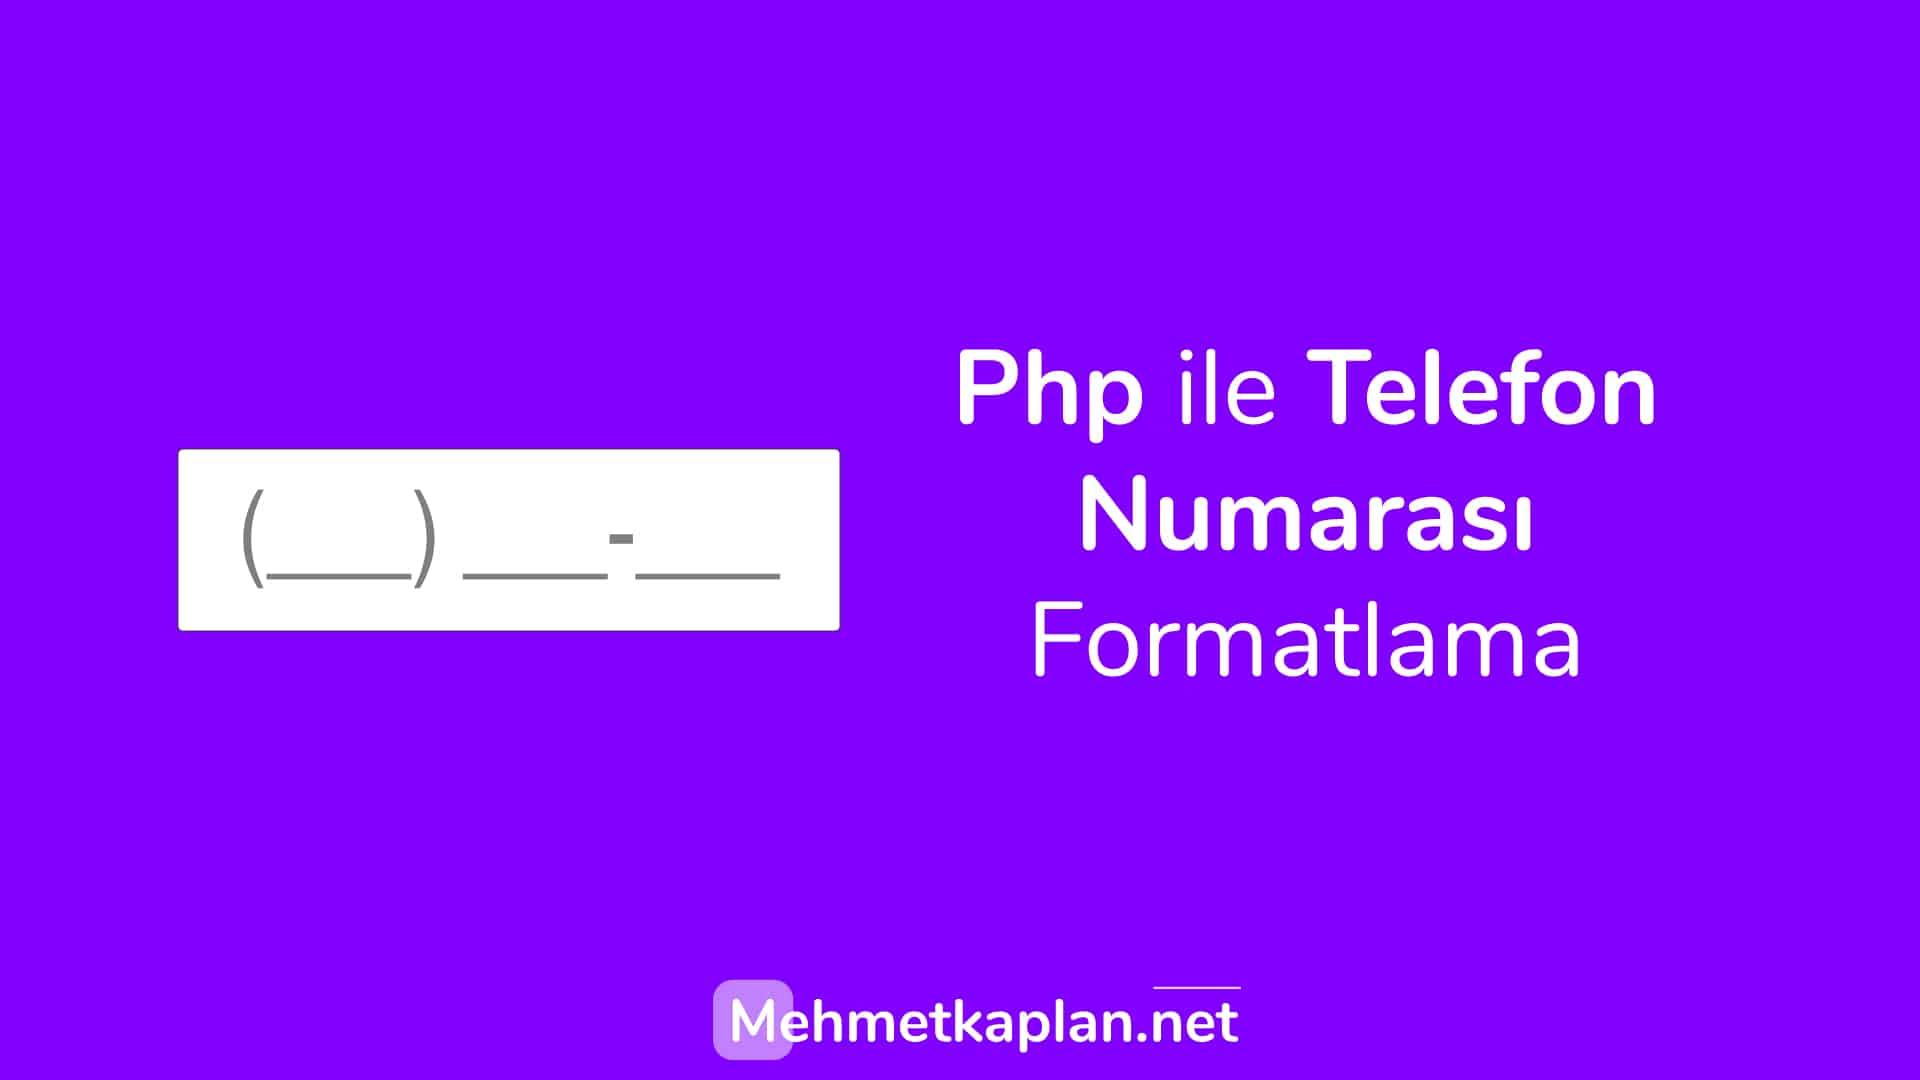 Php ile Telefon Numarası Formatlama